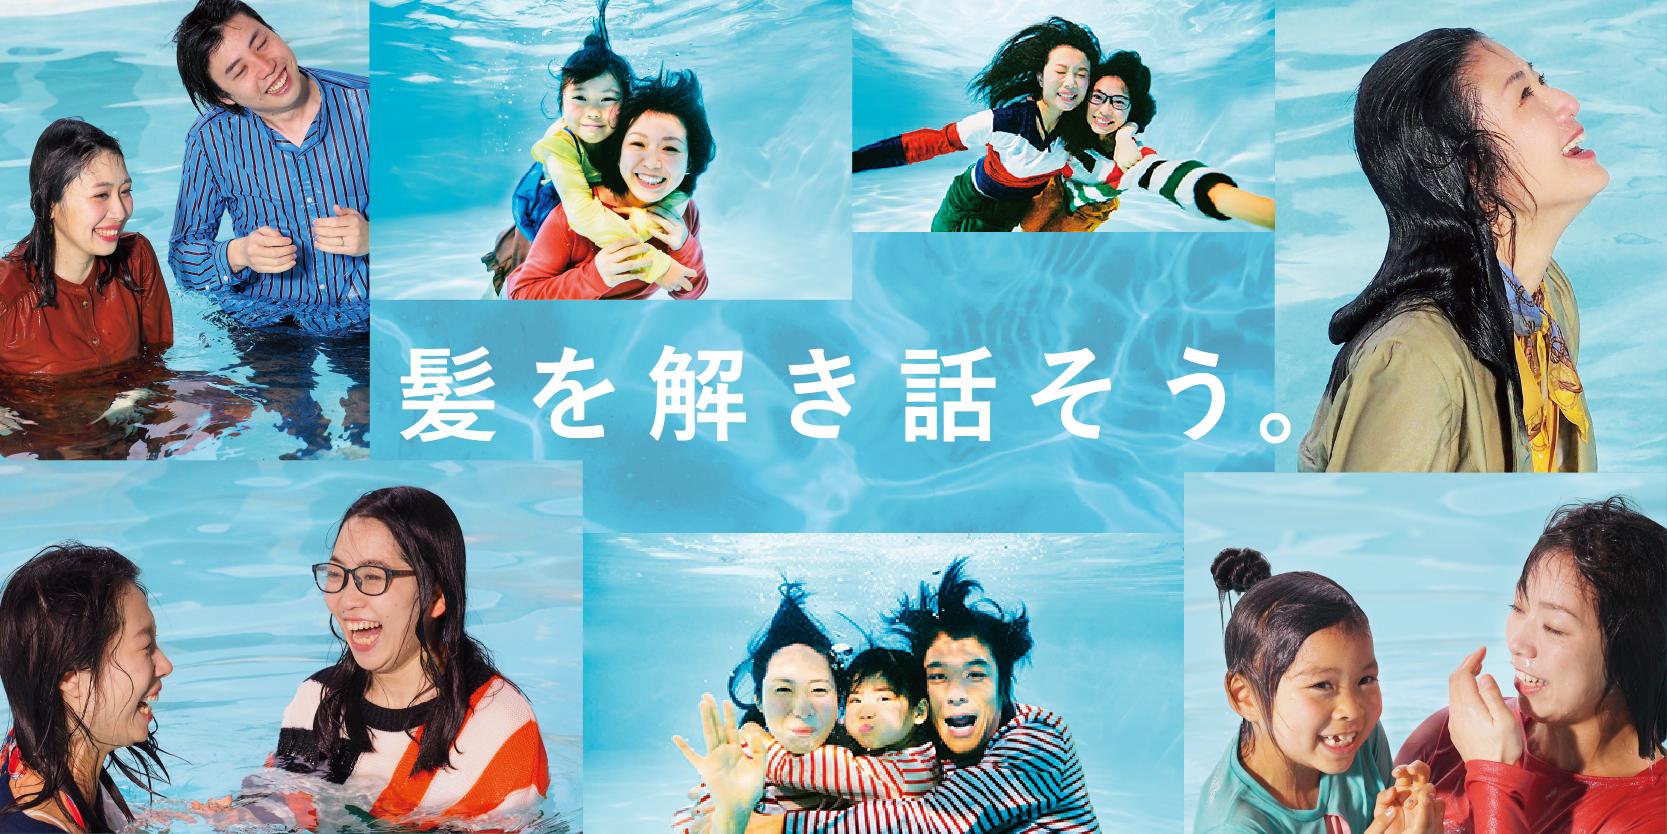 スカルプD/スカルプD ボーテが国際女性デーに合わせて 髪に悩む女性の笑顔を応援するキャンペーン動画を配信開始